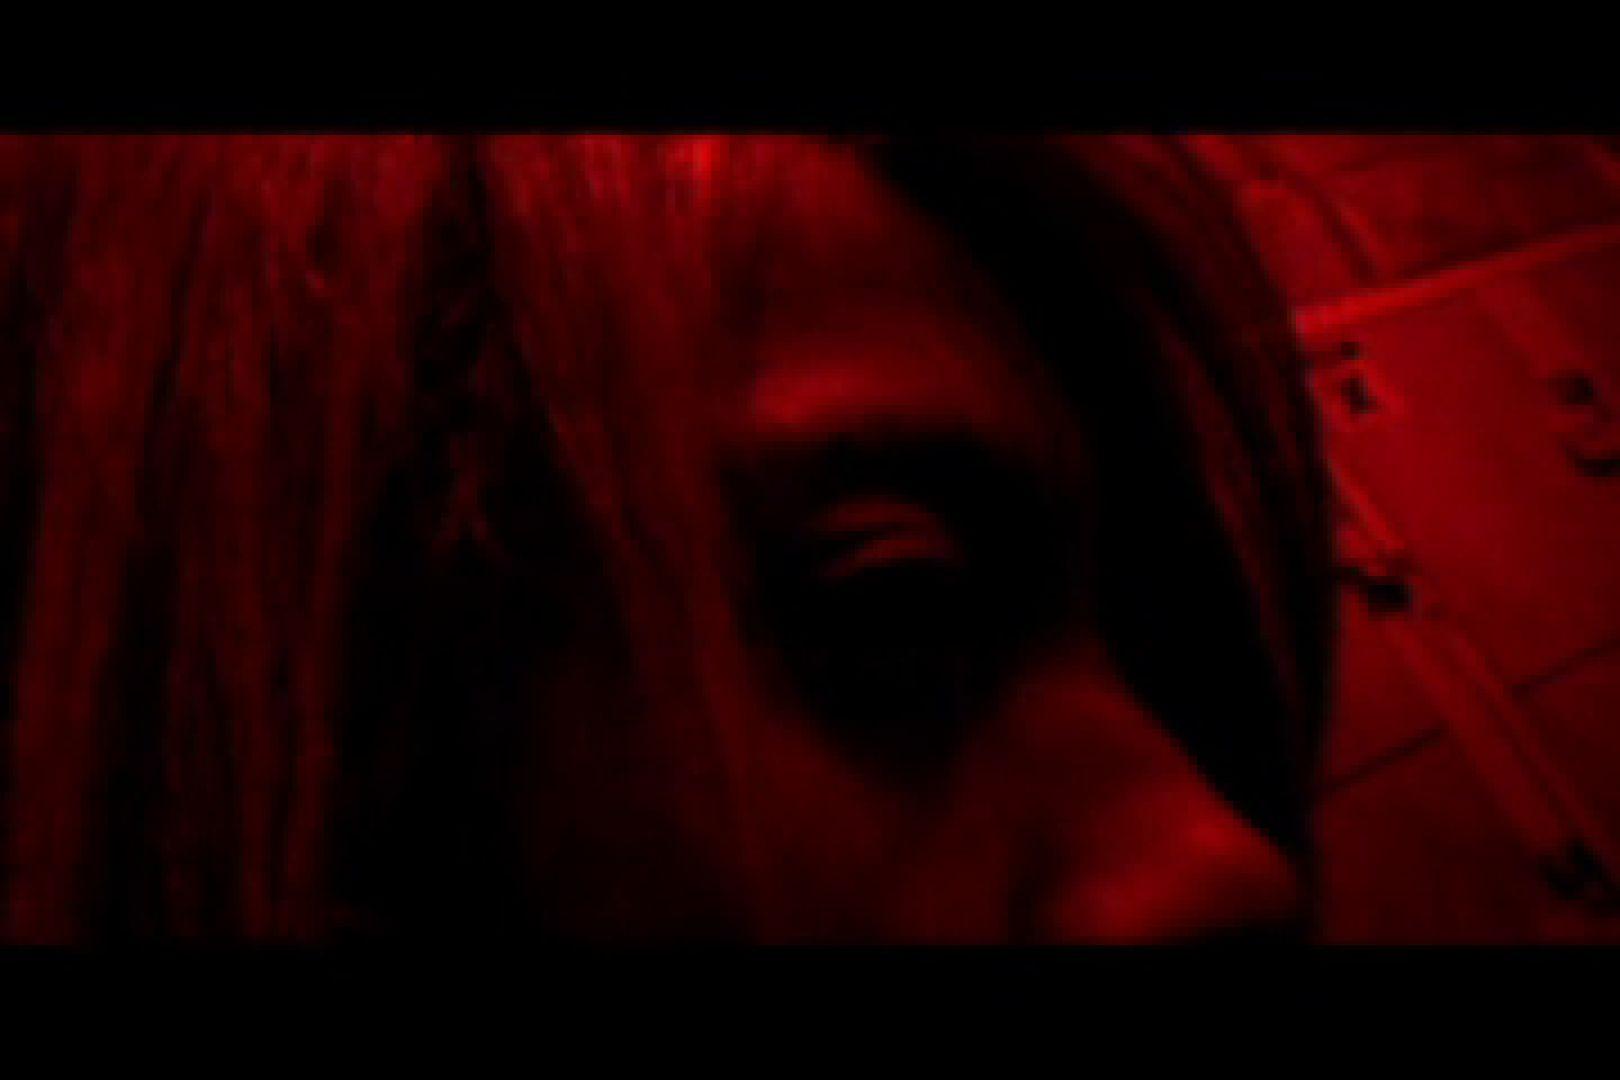 イケメン,s VOL.4 複数セフレプレイ ゲイエロ動画 91pic 17